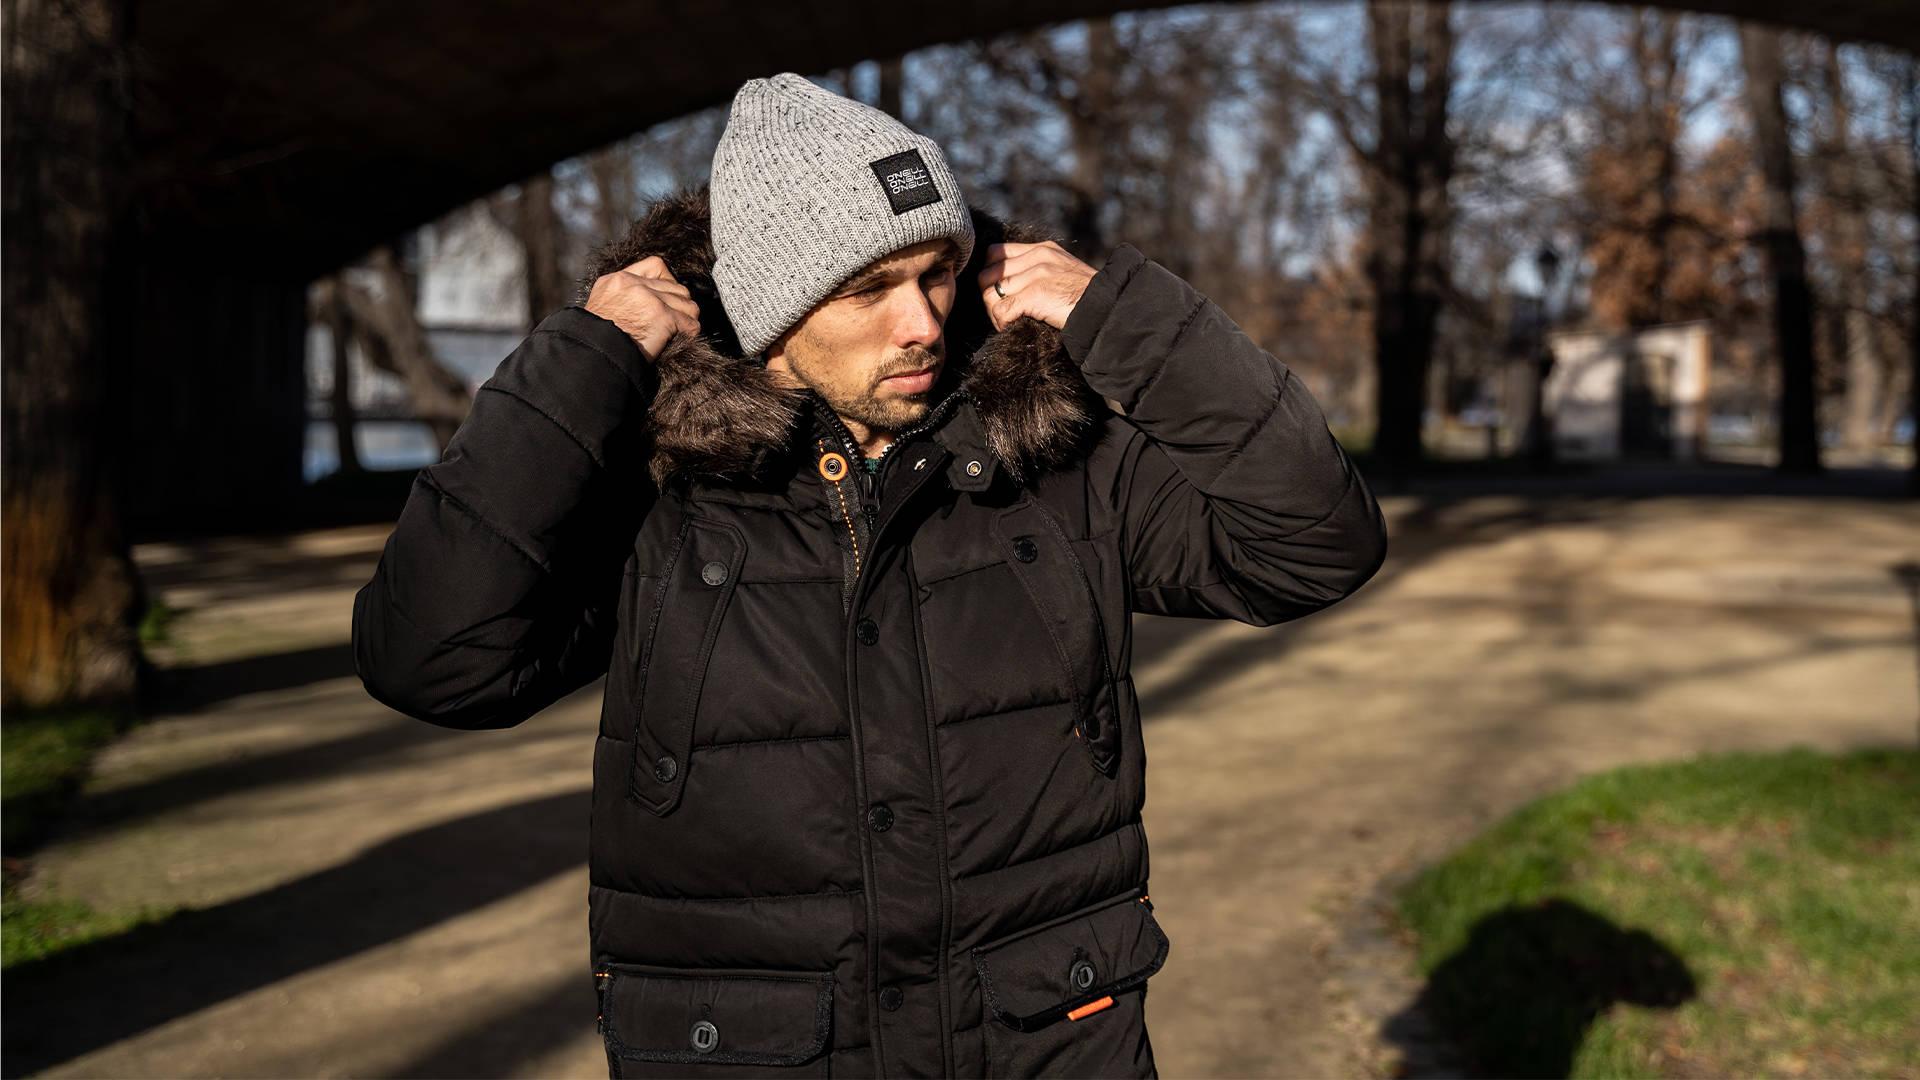 Štýlová mestská zima